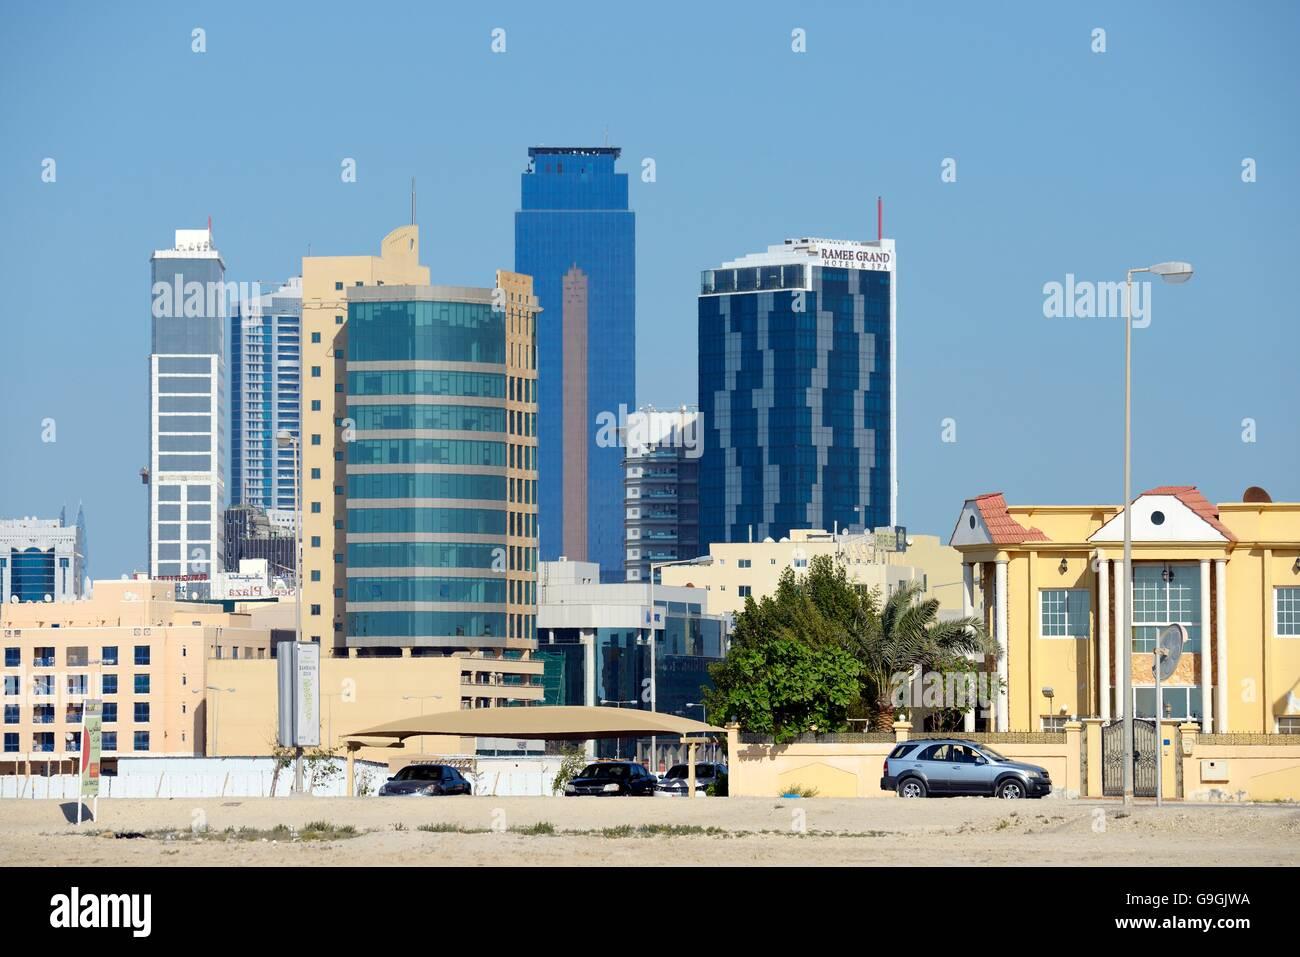 Manama, Bahrein. seef district. mirando al oriente el ramee grand hotel y la torre almoayyed aka la torre oscura Imagen De Stock